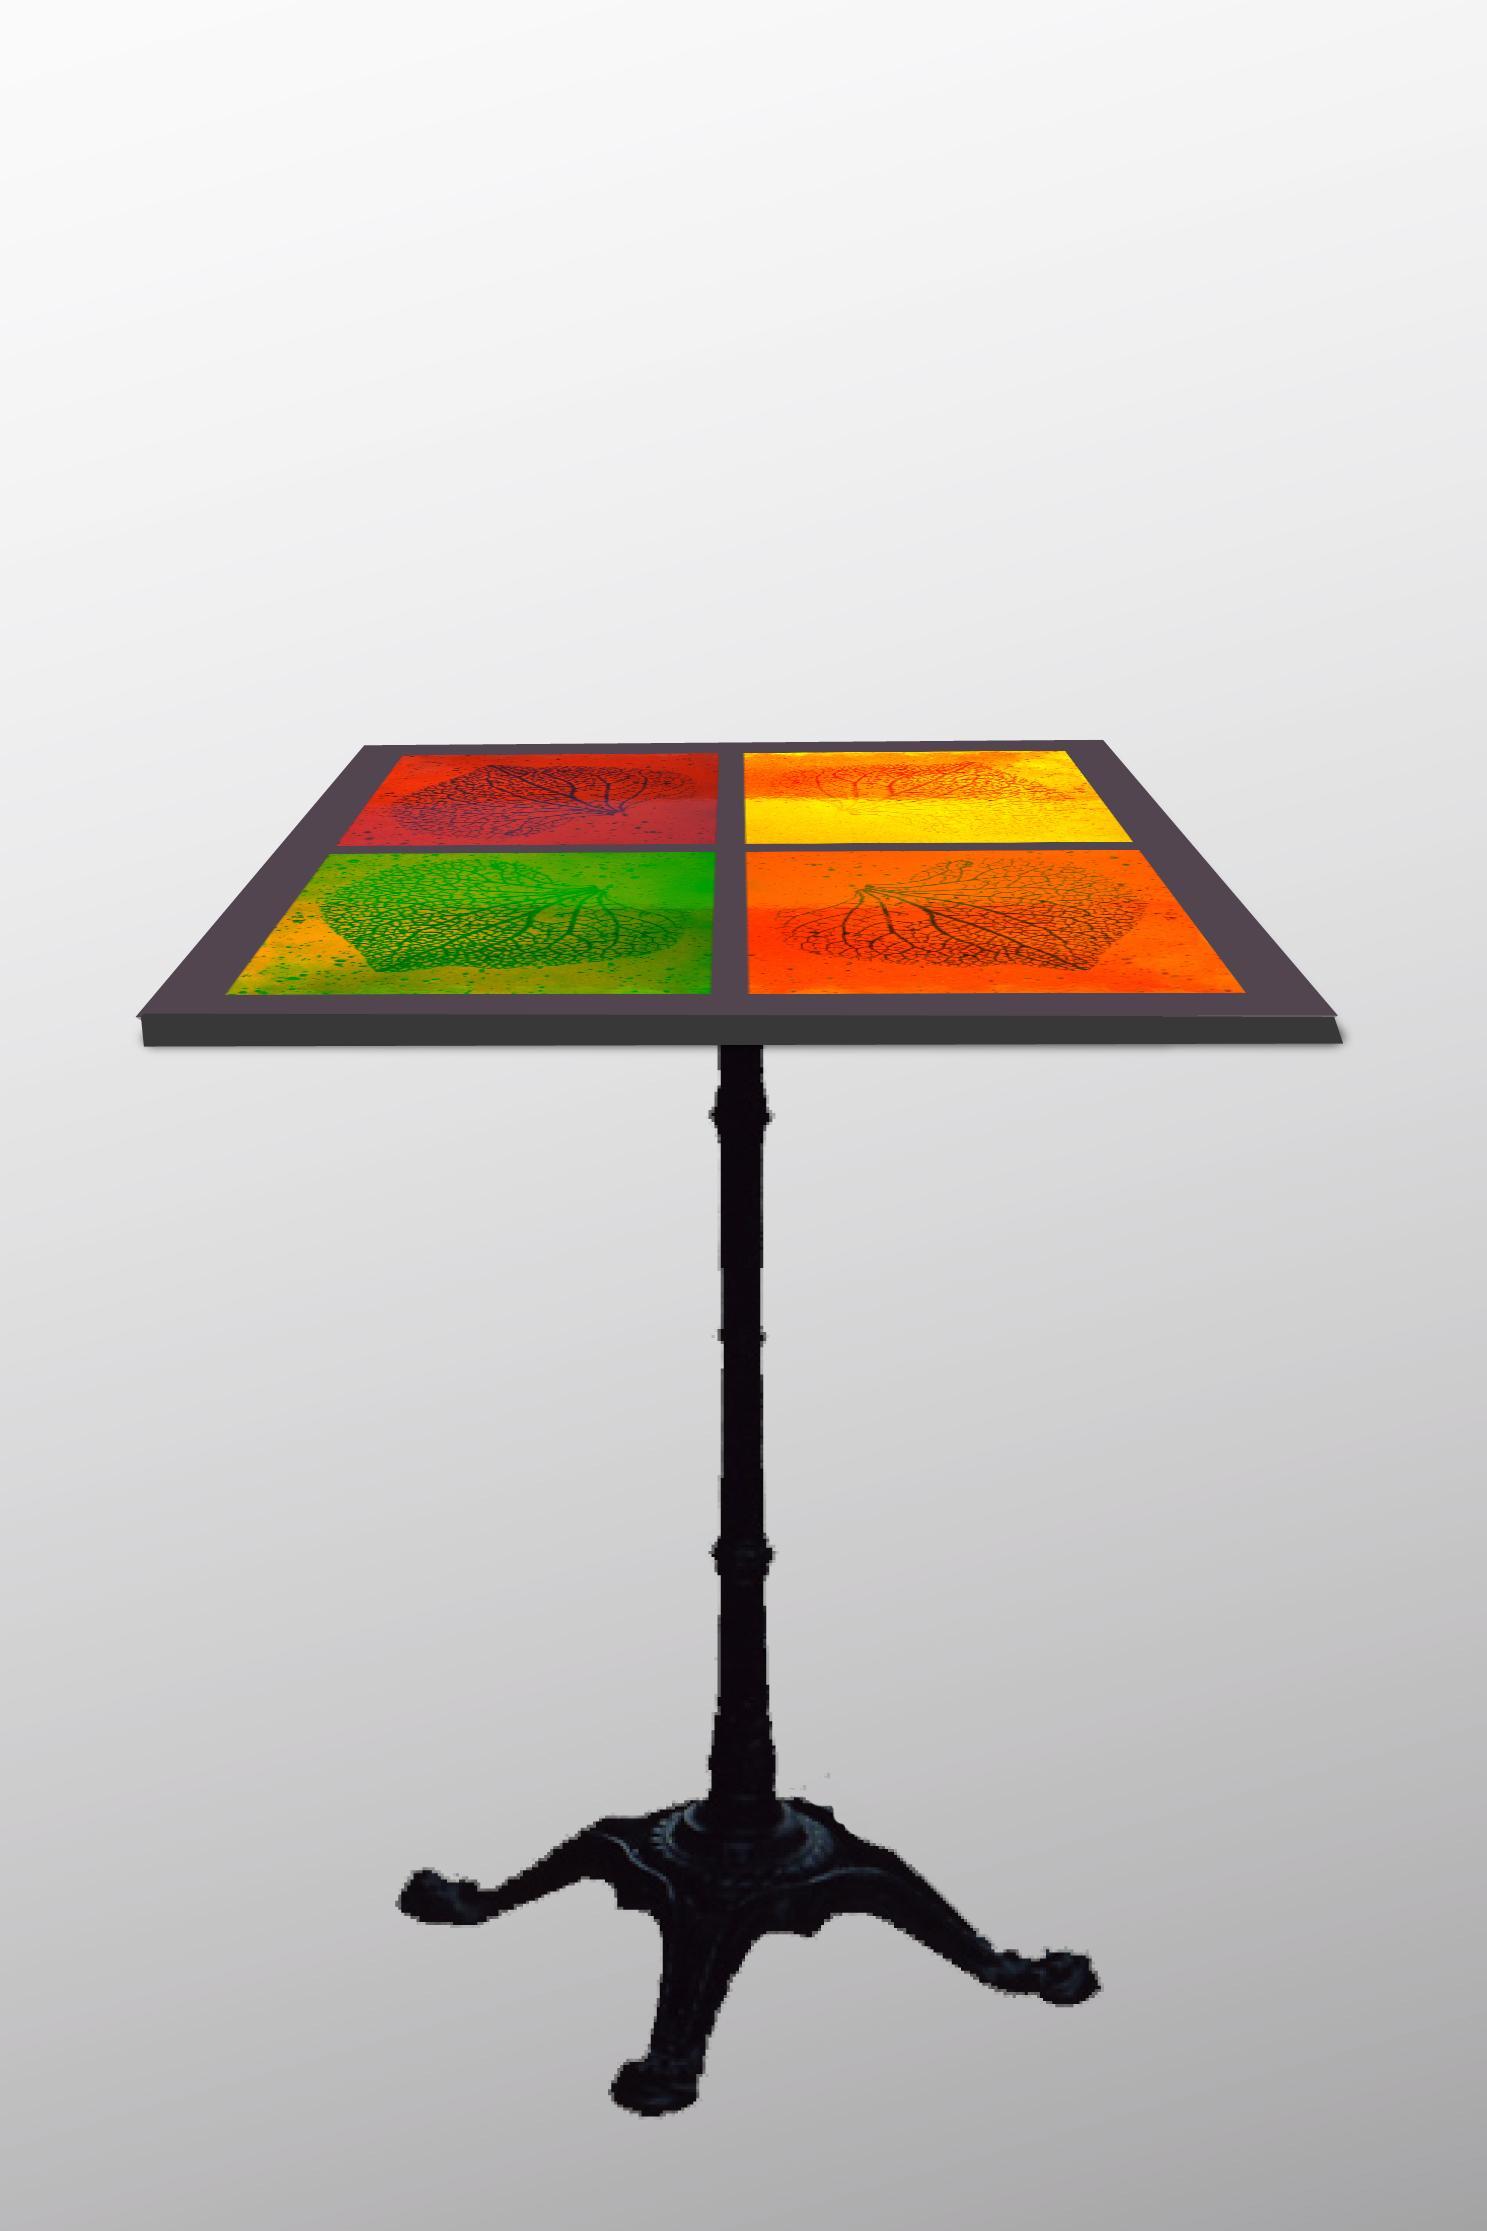 cr ation de rose desmaisons p pite de lave 34802. Black Bedroom Furniture Sets. Home Design Ideas